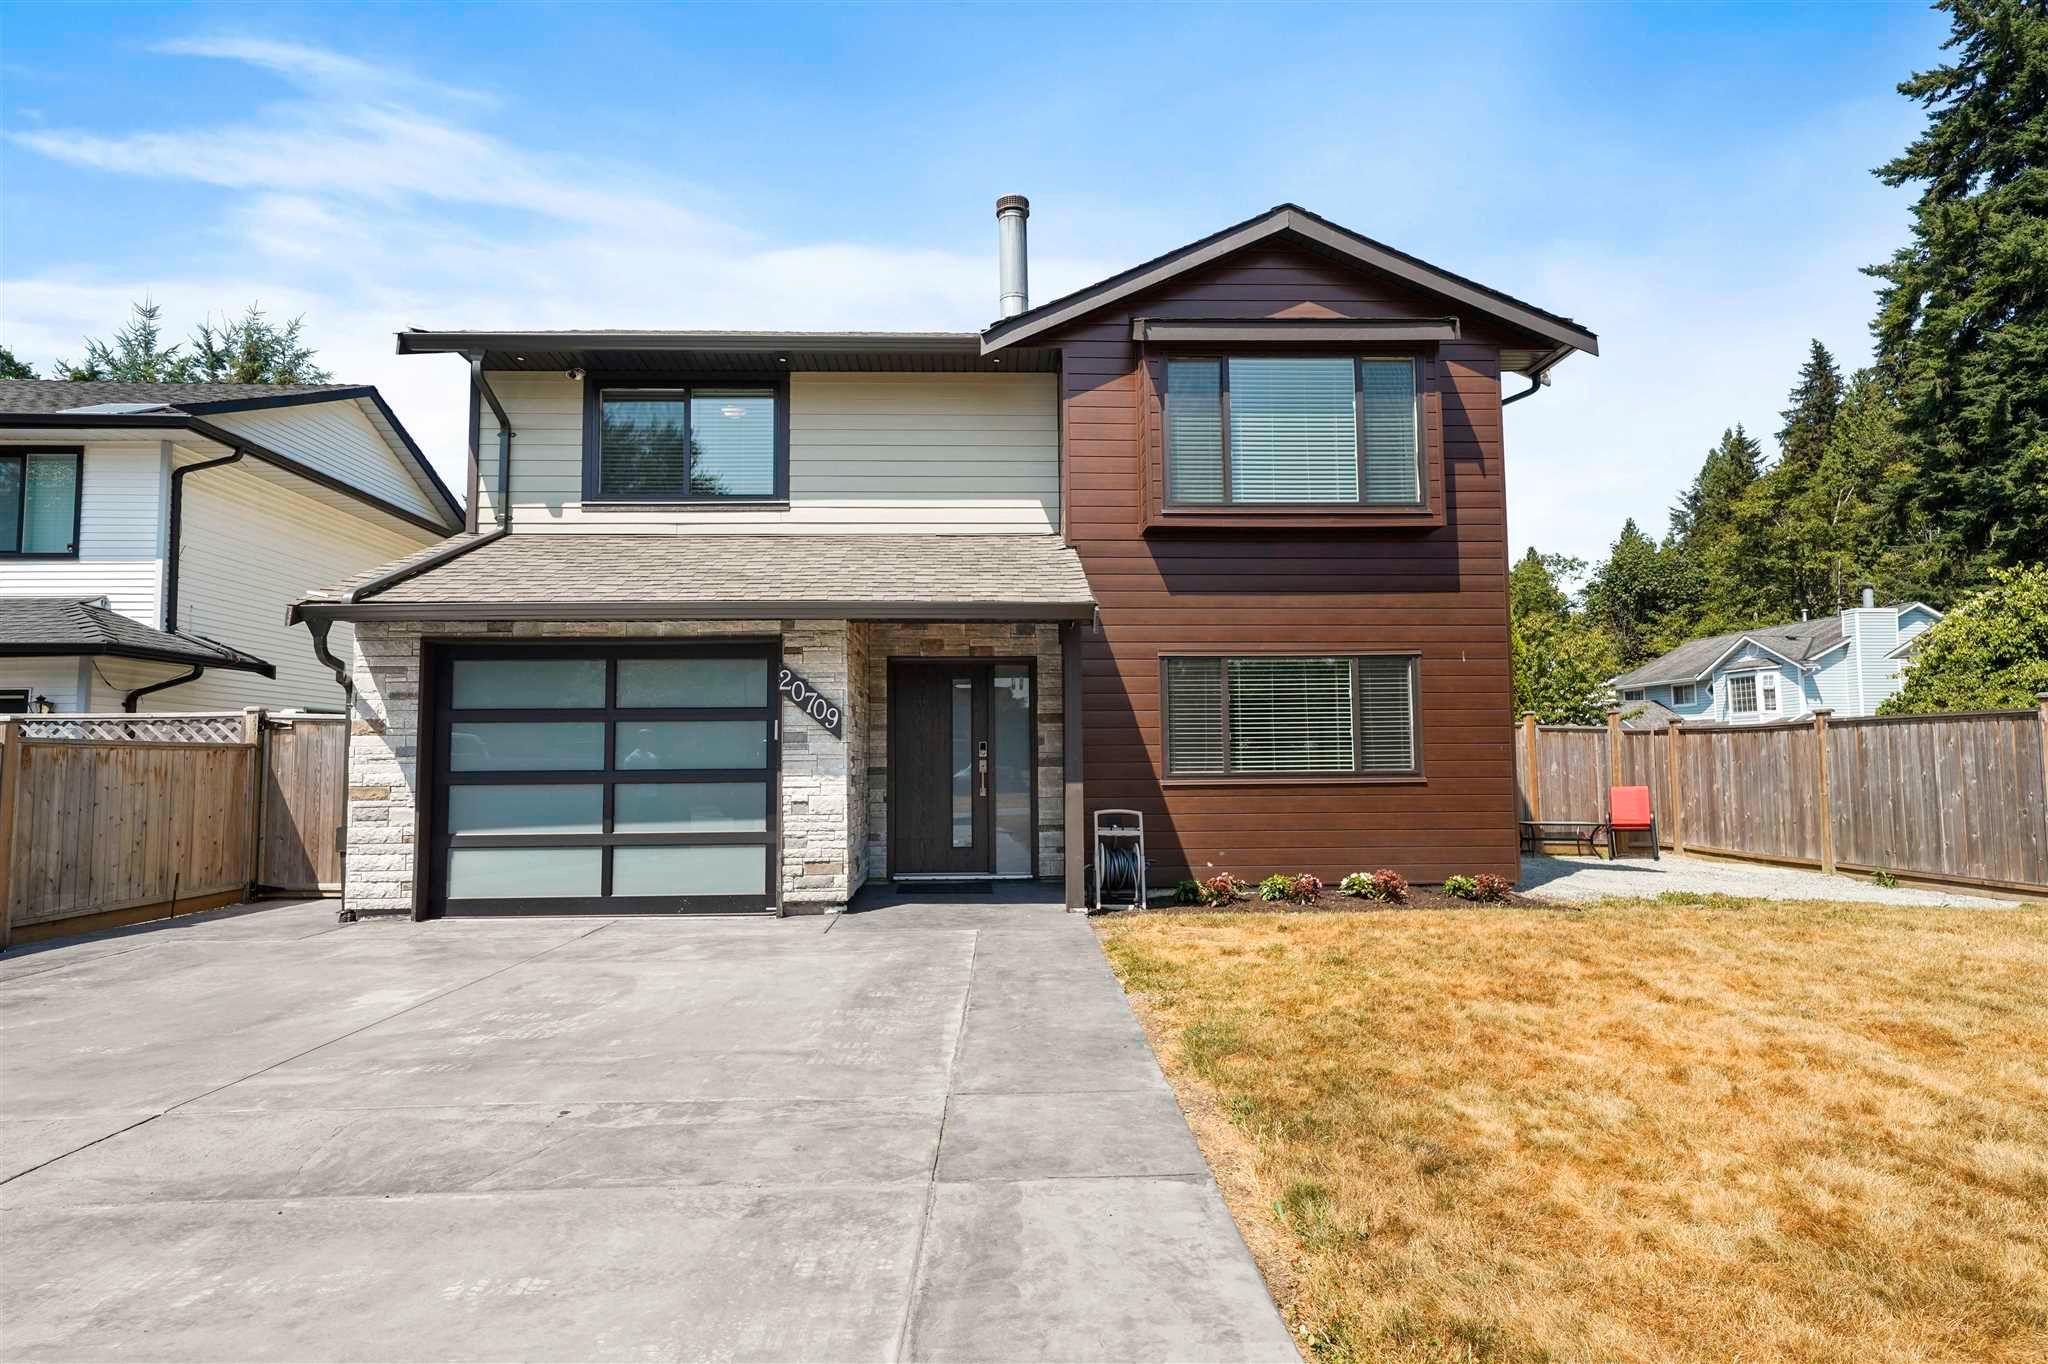 """Main Photo: 20709 120B Avenue in Maple Ridge: Northwest Maple Ridge House for sale in """"West Maple Ridge"""" : MLS®# R2605148"""